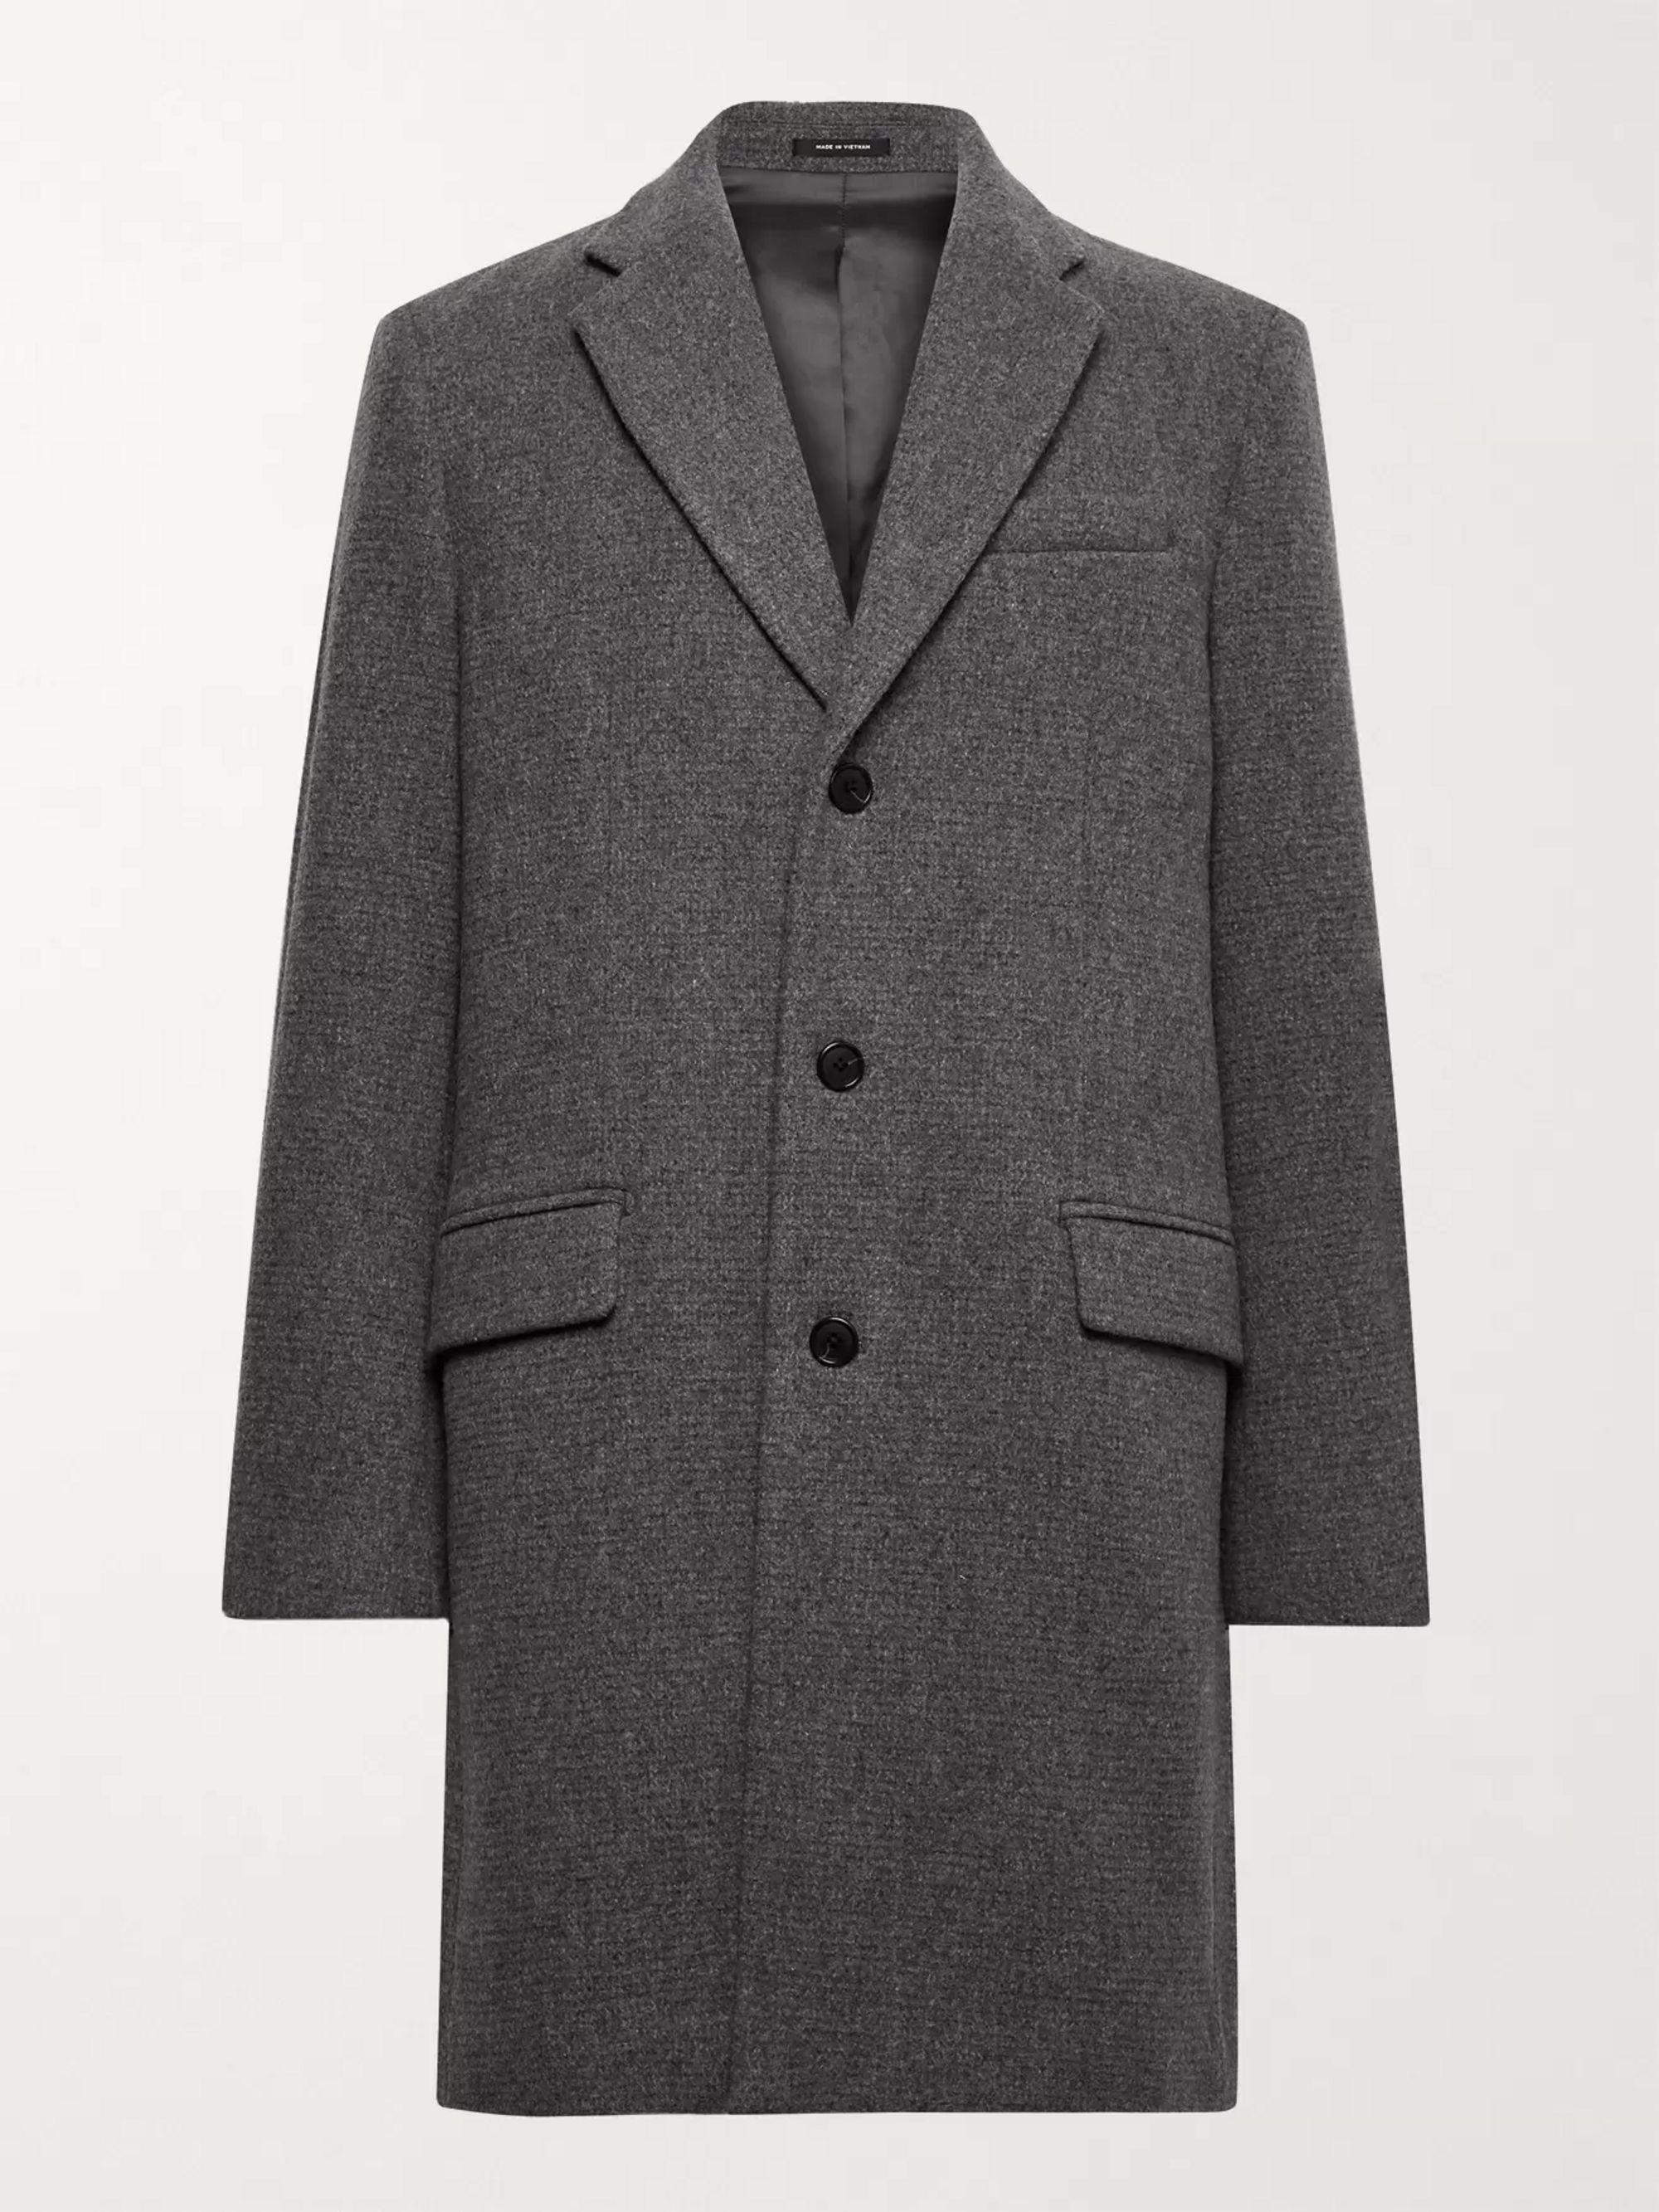 CLUB MONACO Melange Wool-Blend Coat